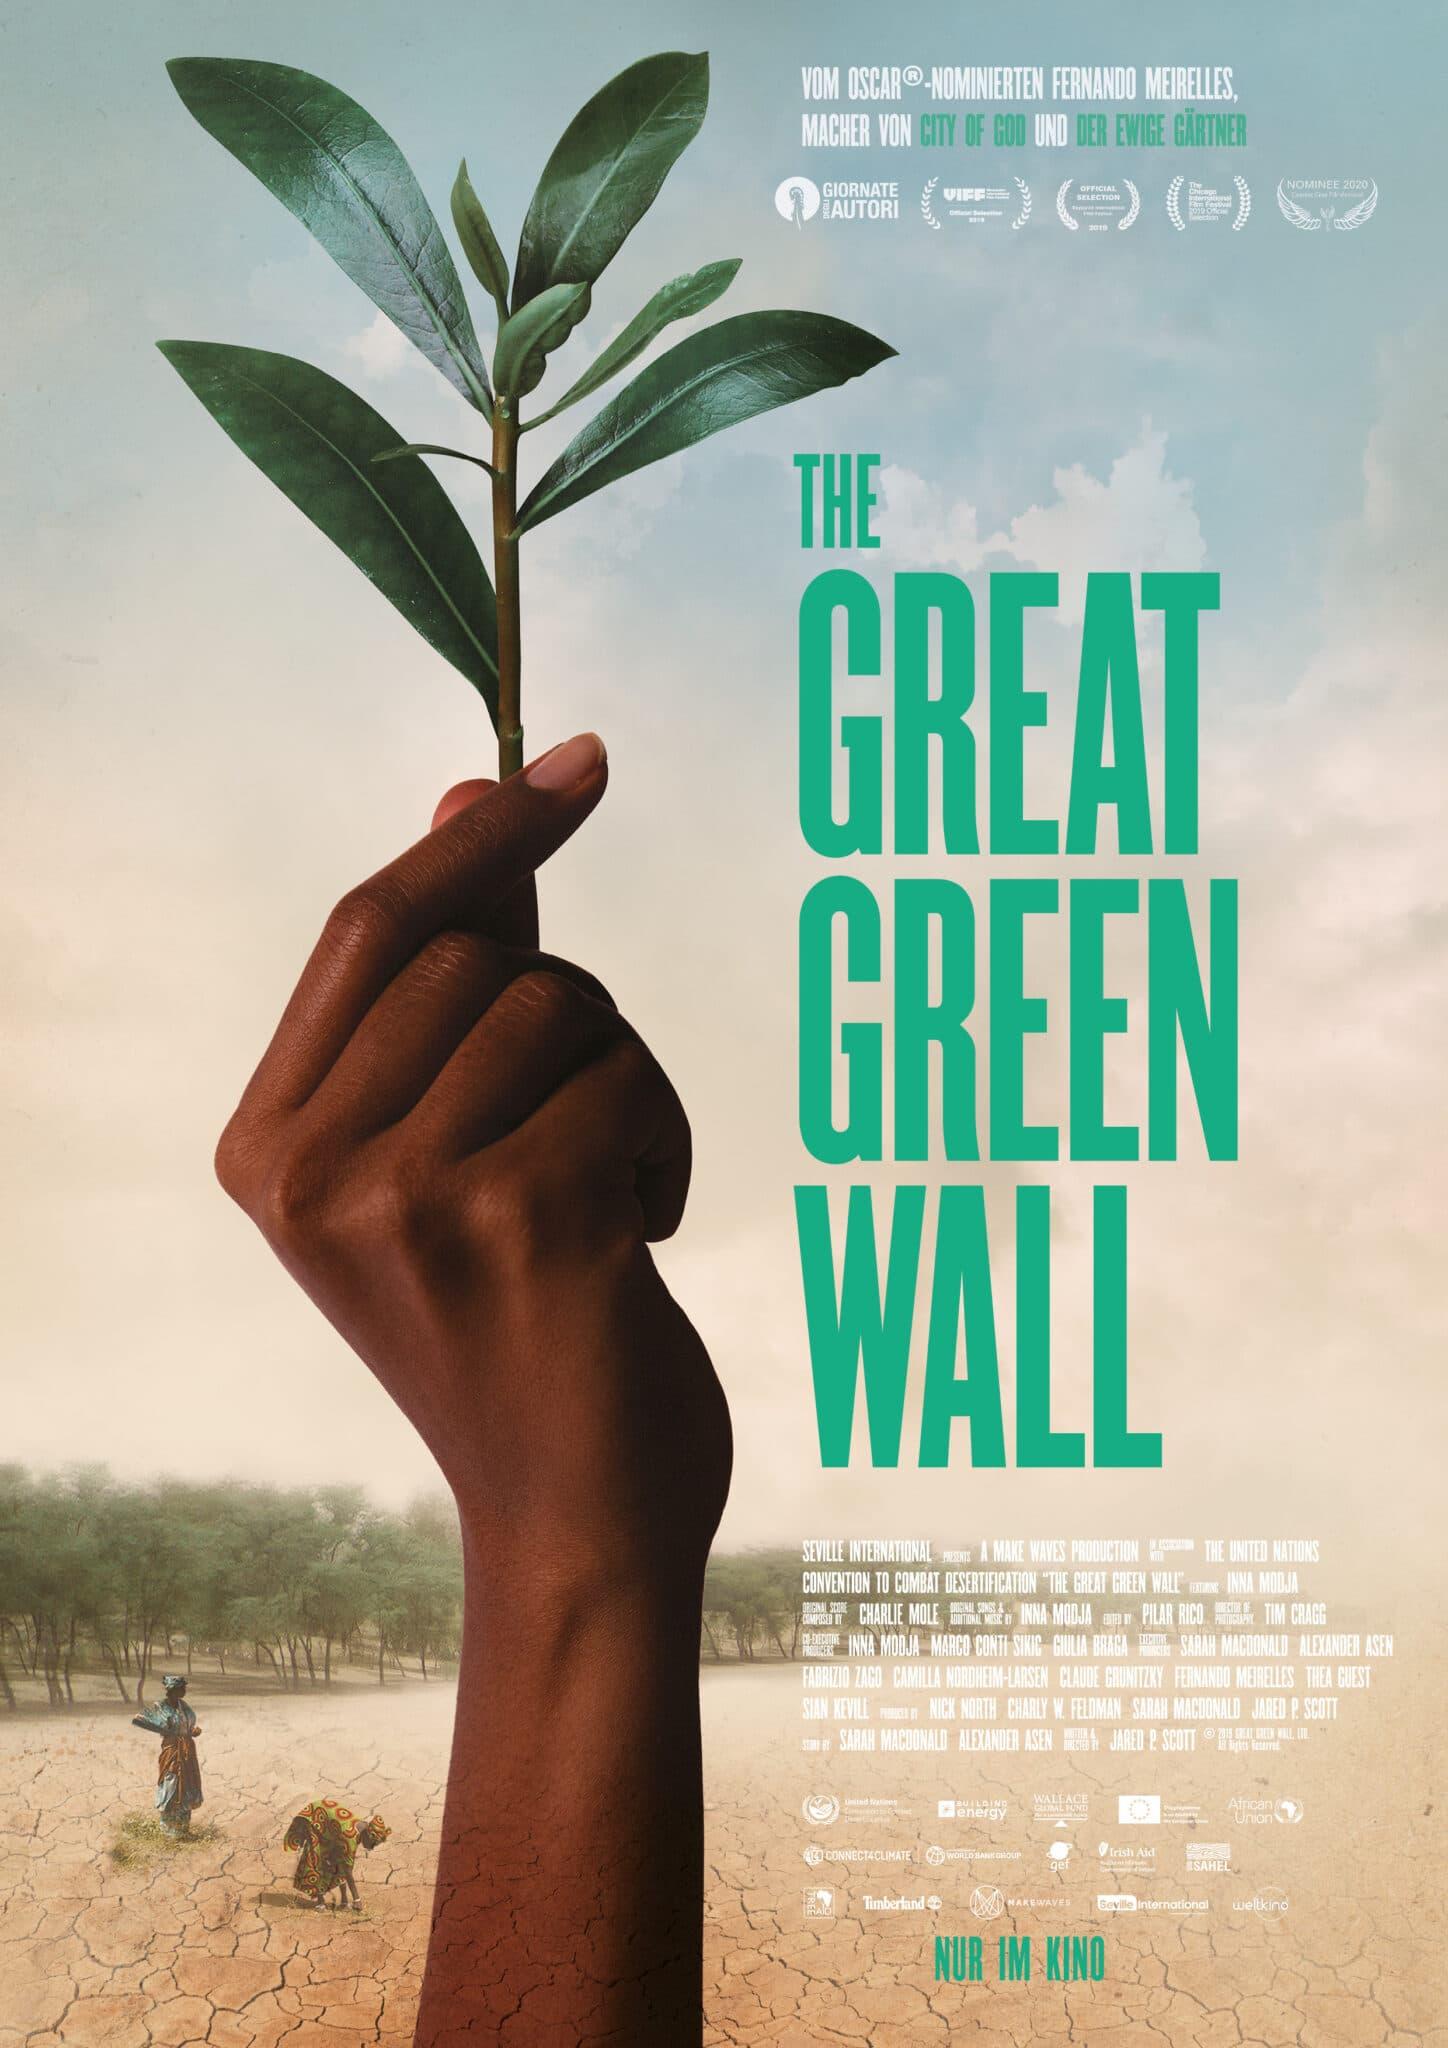 Das Poster zu Great Green Wall zeigt eine schwarze Hand, die eine Pflanze nach oben streckt. Daneben befindet sich in knalligem Grün der Titel.